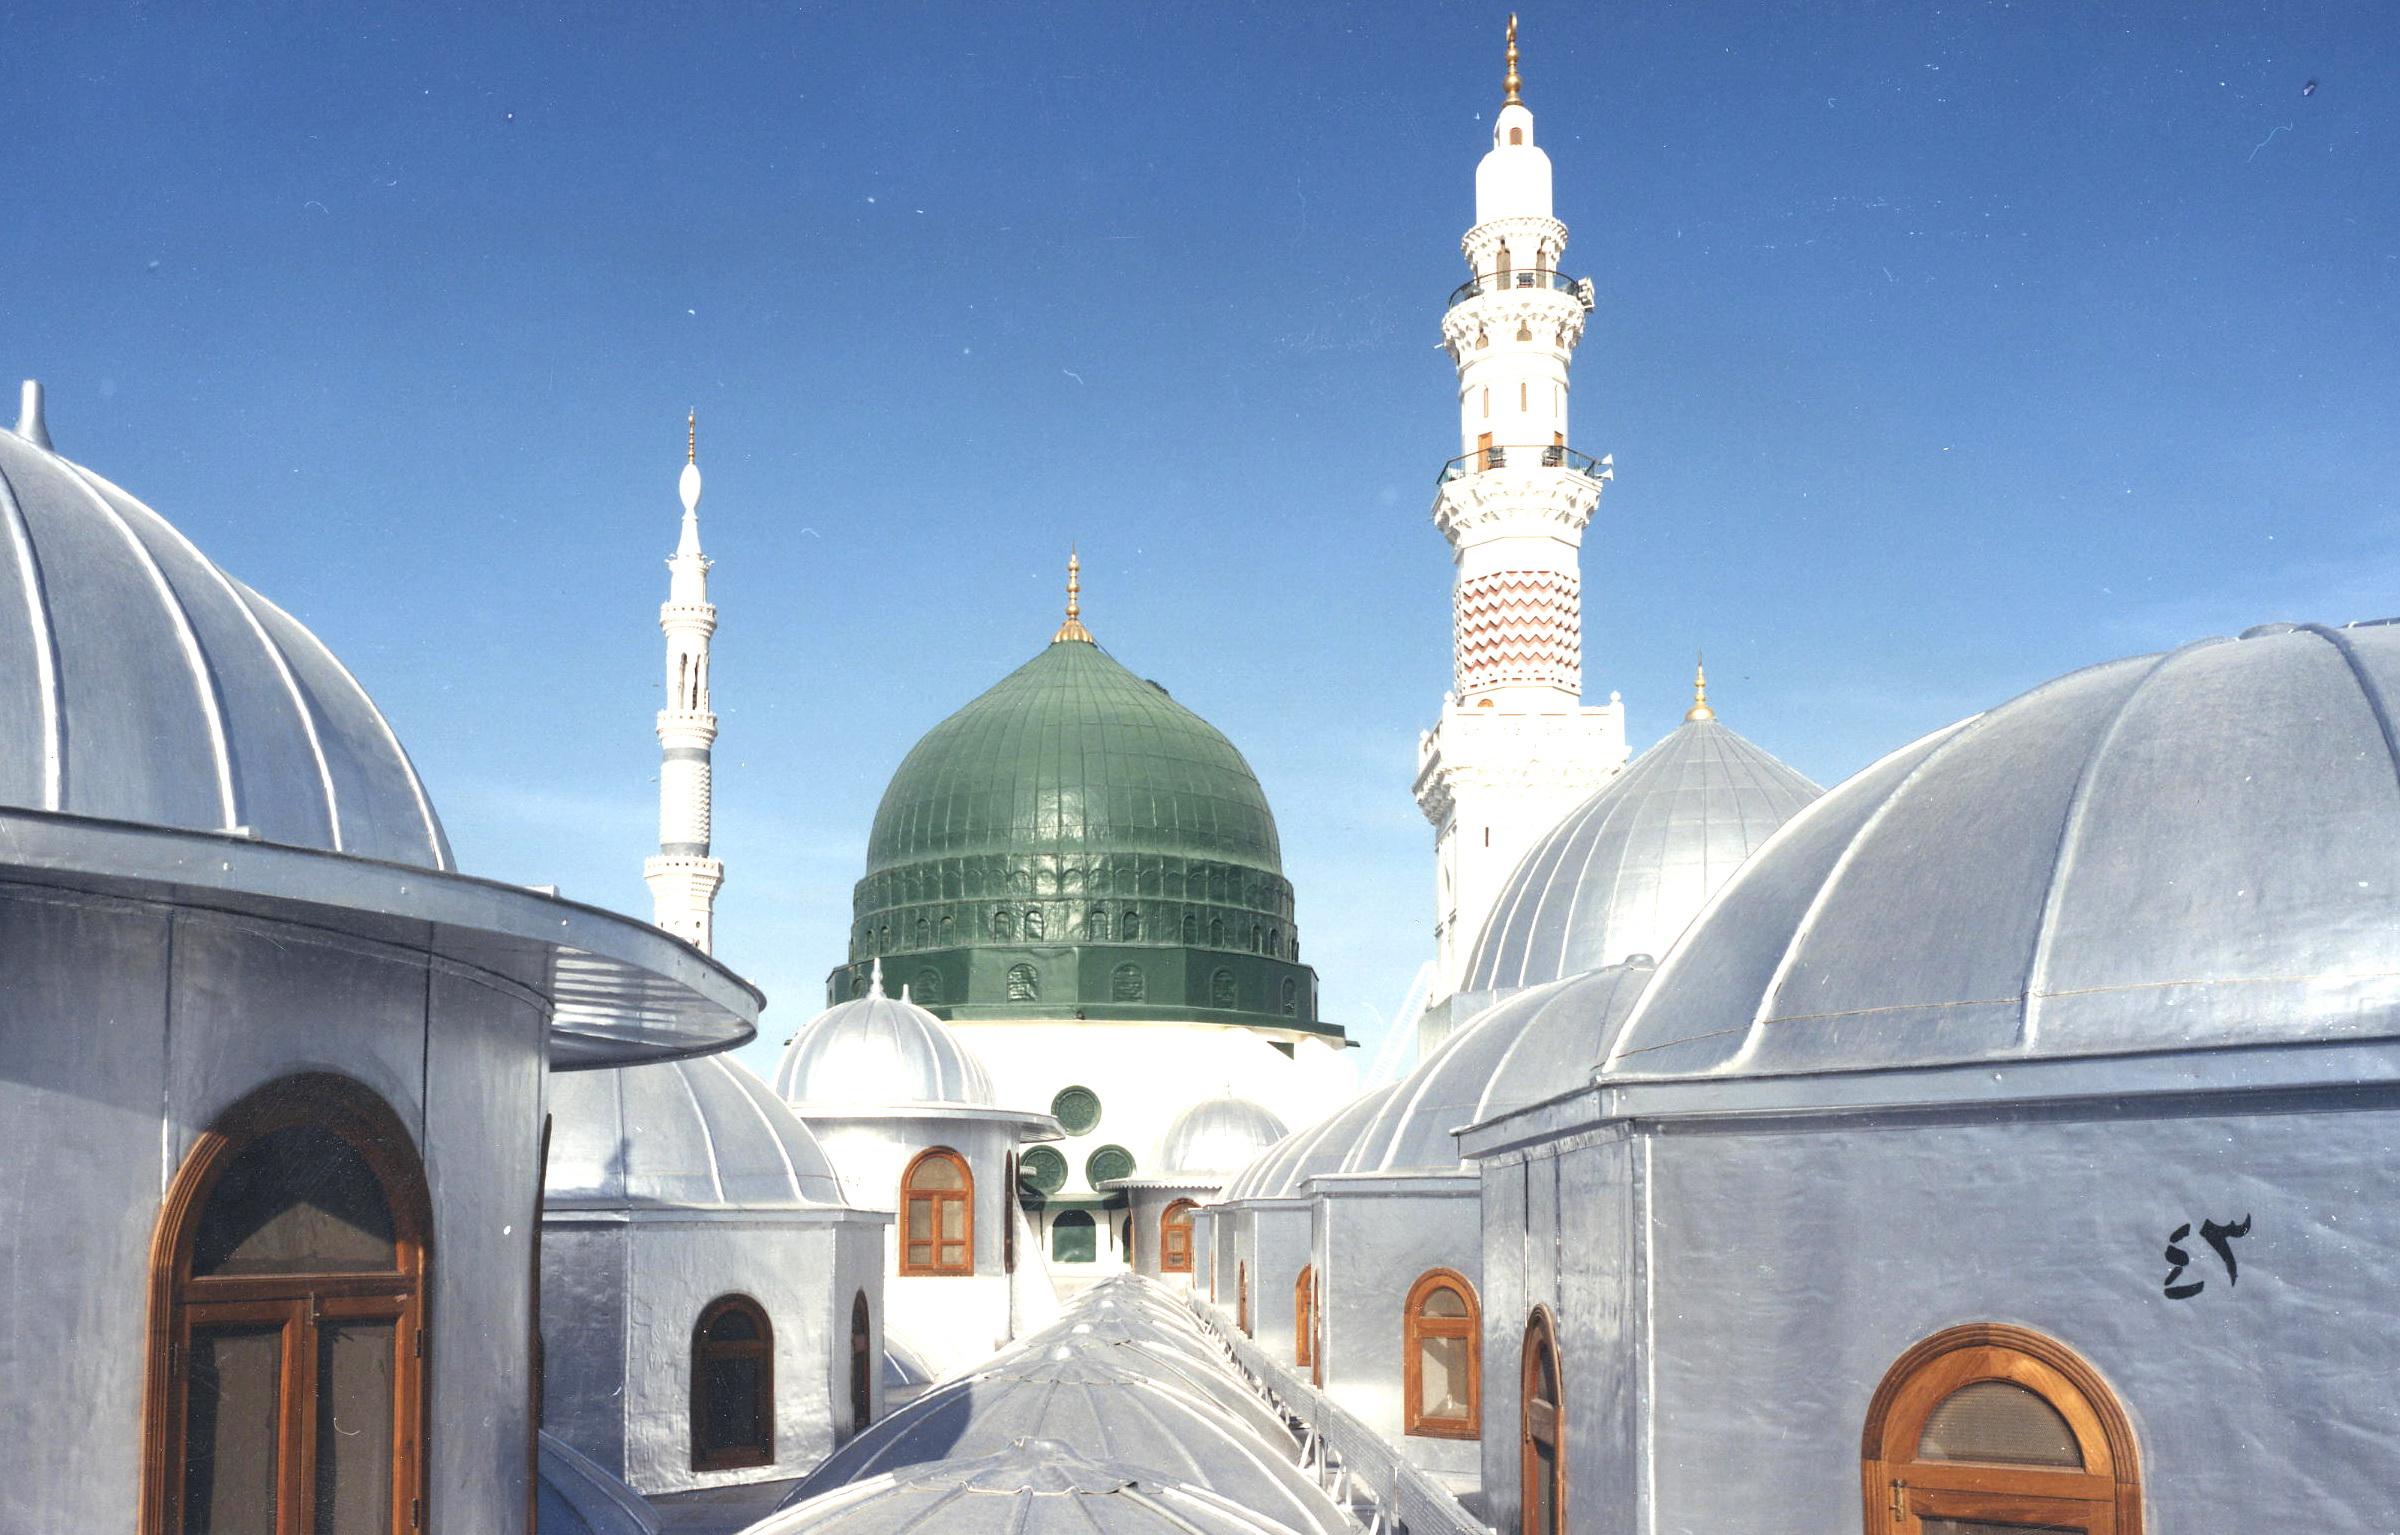 بالصور صور المدينة المنورة , اجمل بقاع العالم 1216 4